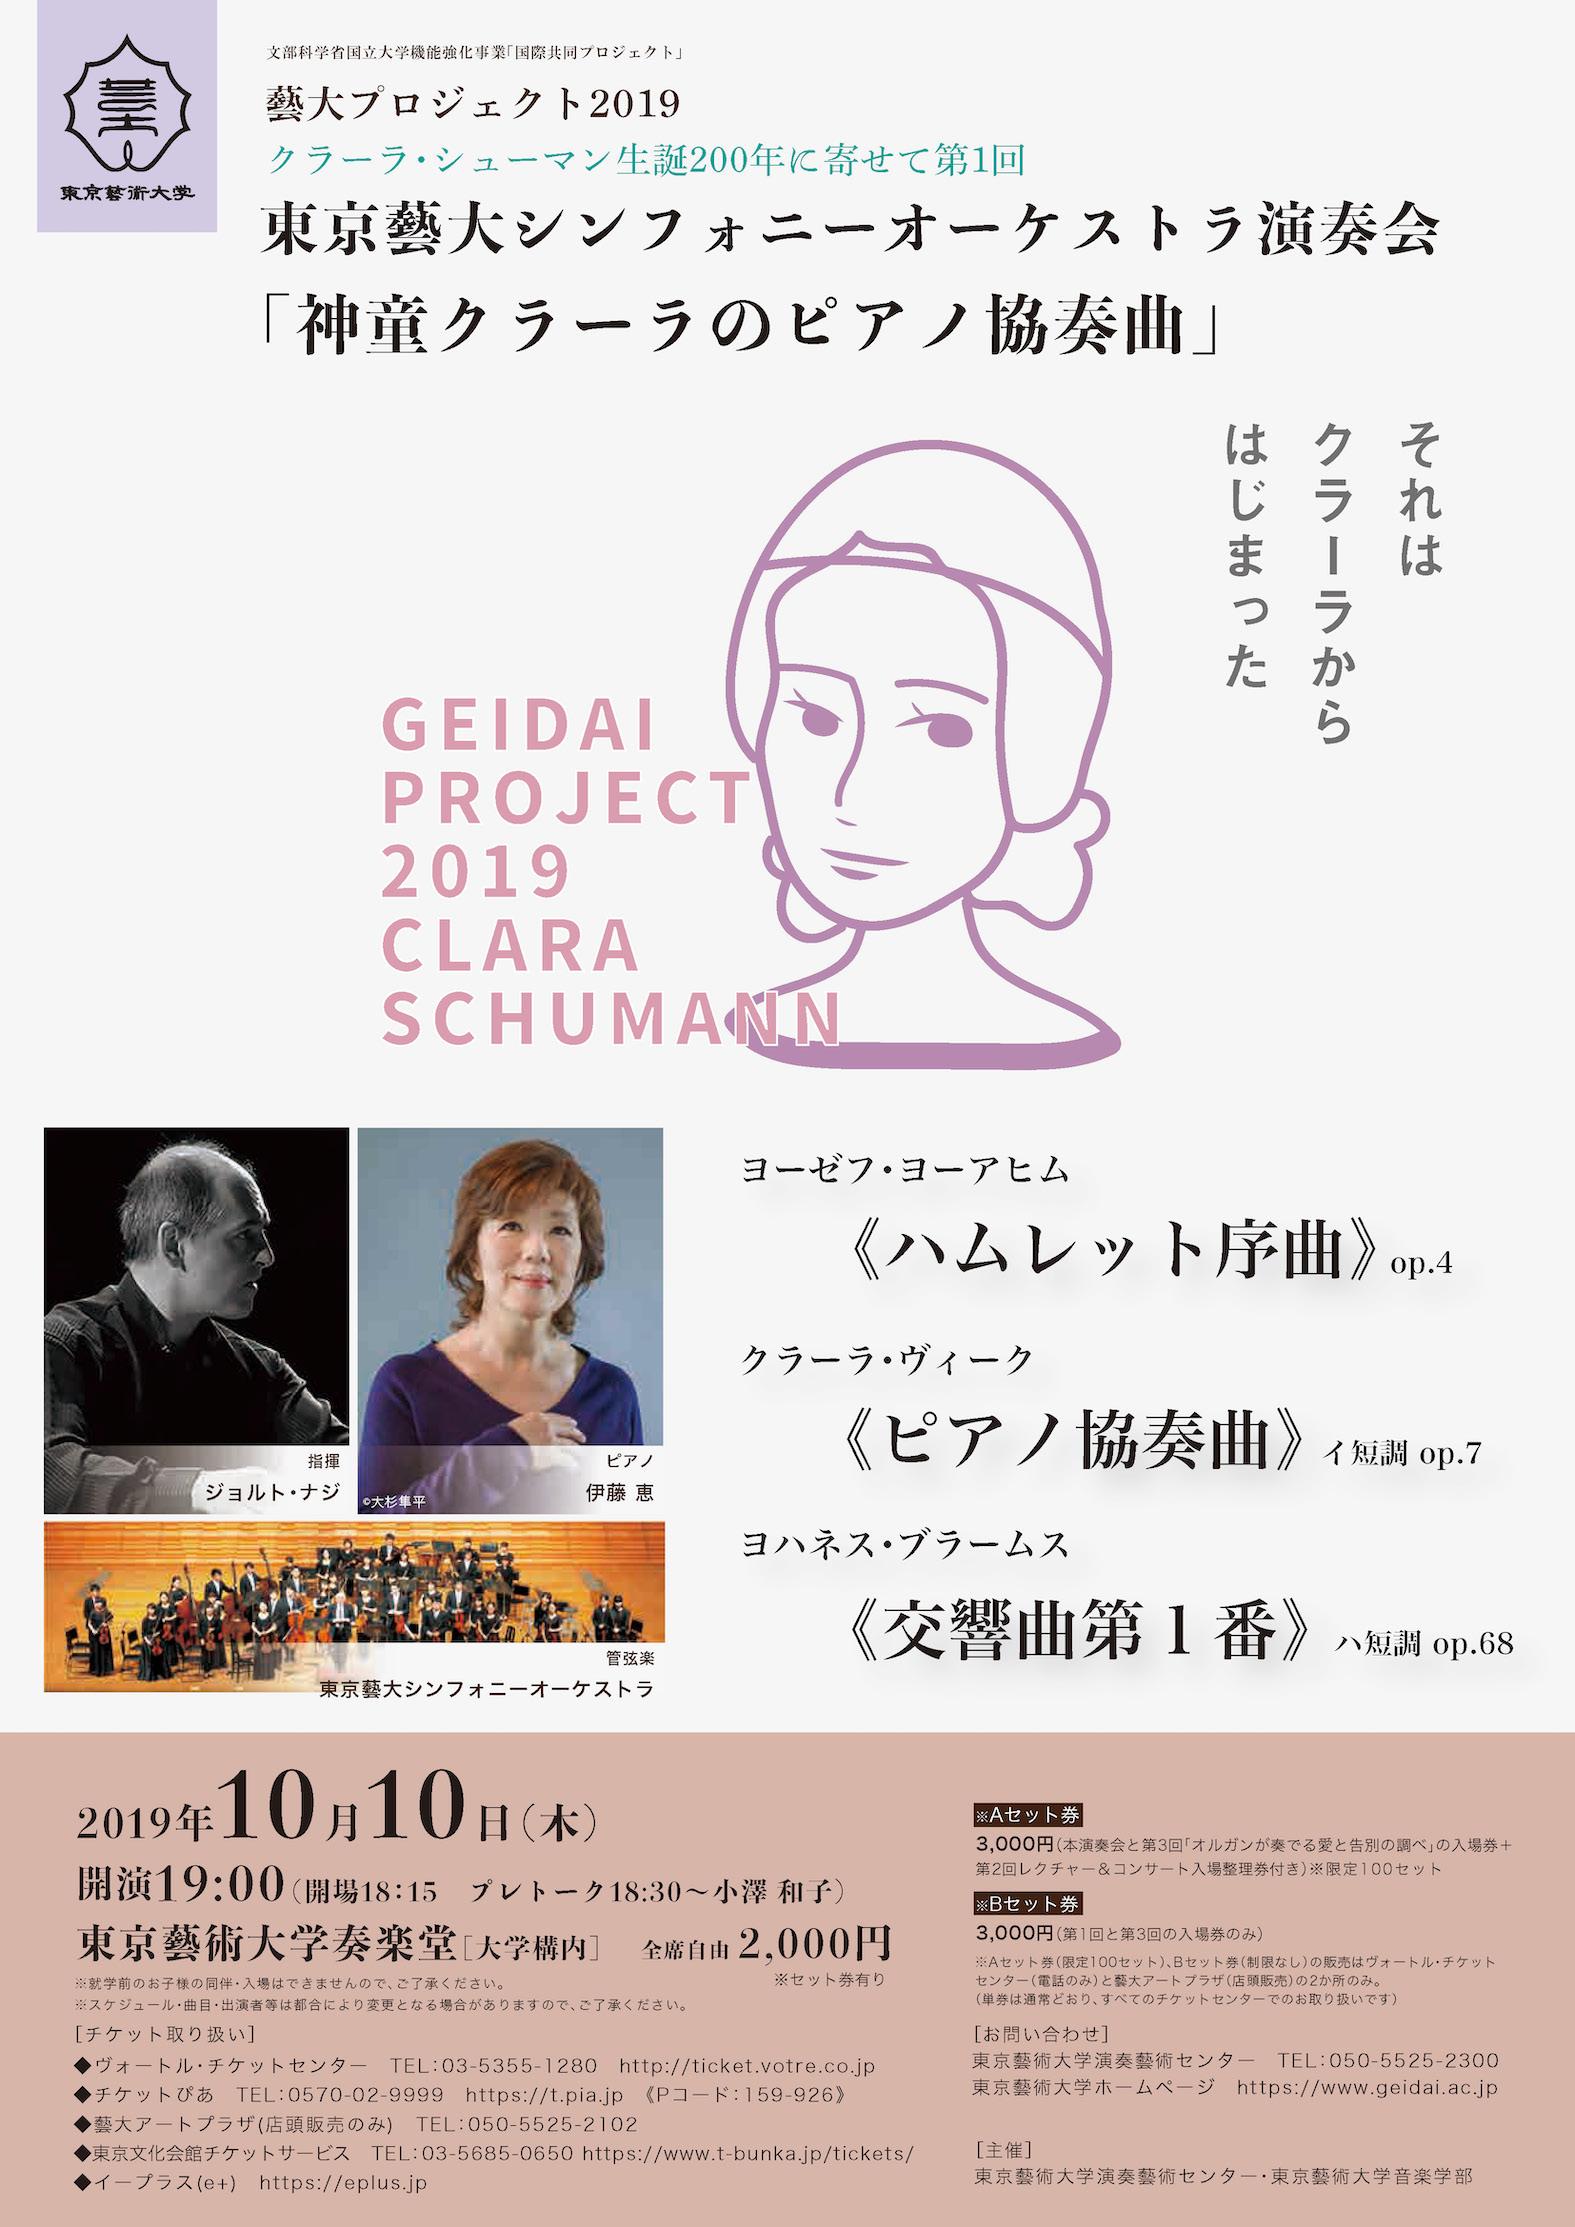 藝大プロジェクト2019 クラーラ・シューマン生誕200年に寄せて第1回・東京藝大シンフォニーオーケストラ演奏会「神童クラーラのピアノ協奏曲」